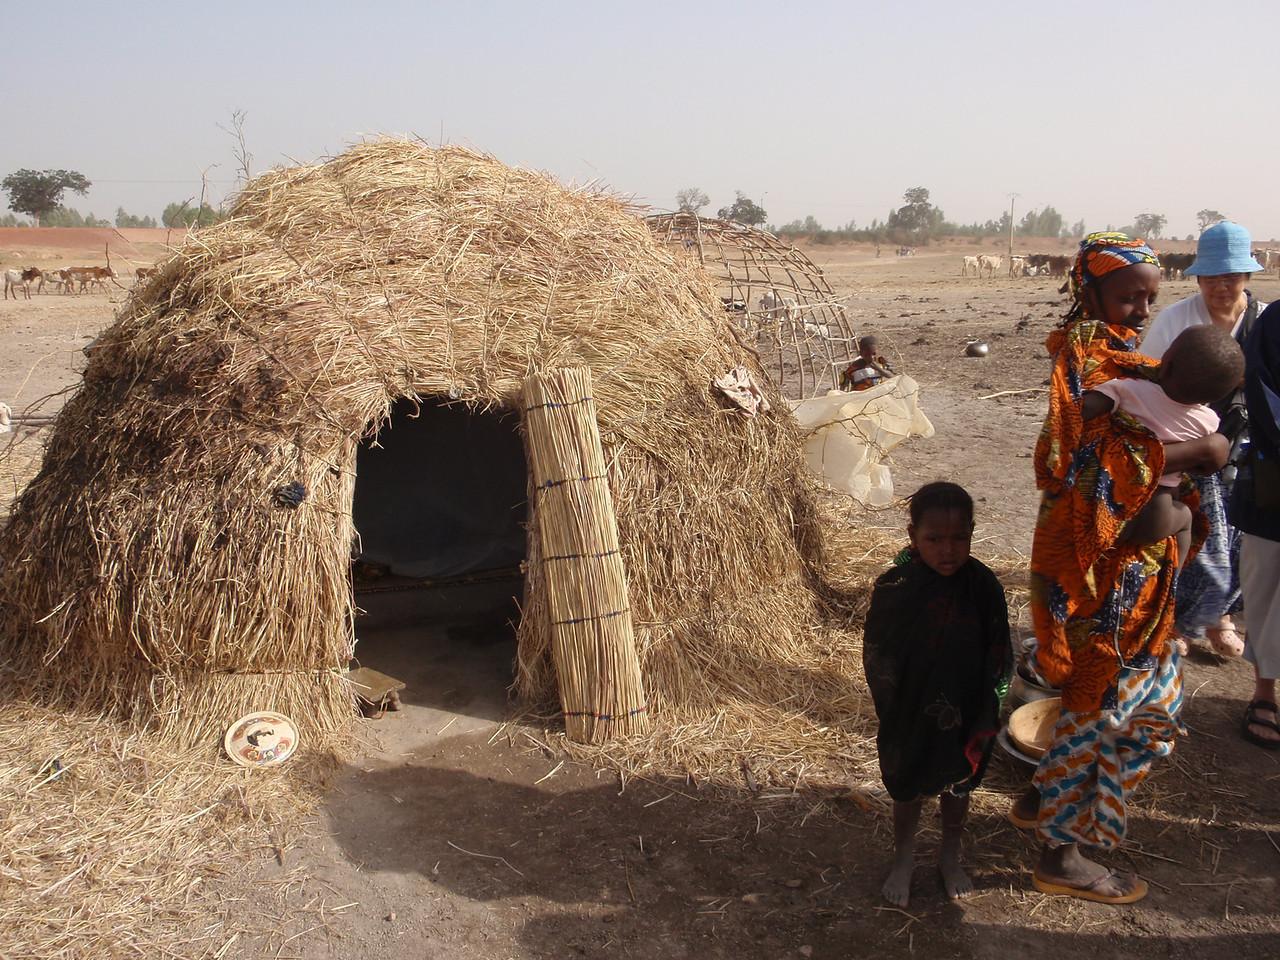 240_Mopti  The Fulani Tribe  The Family Hut